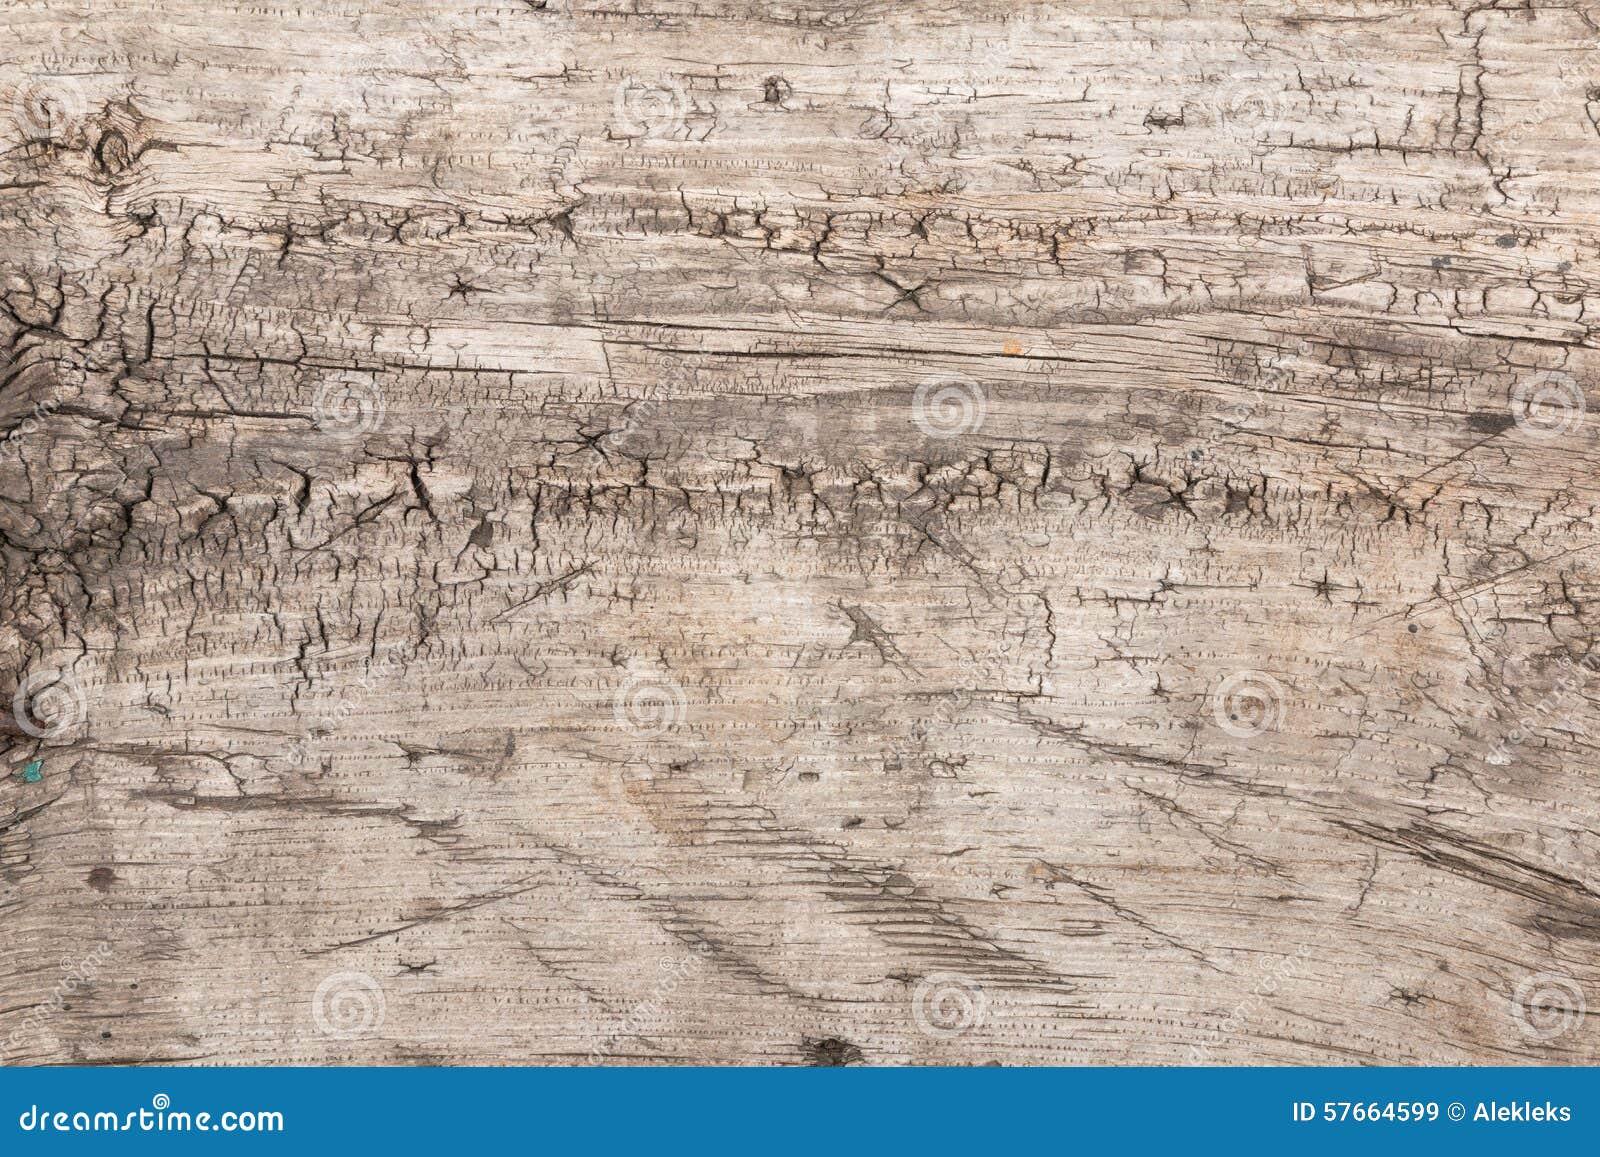 Stary możliwa powierzchnia drewnianego pisze coś